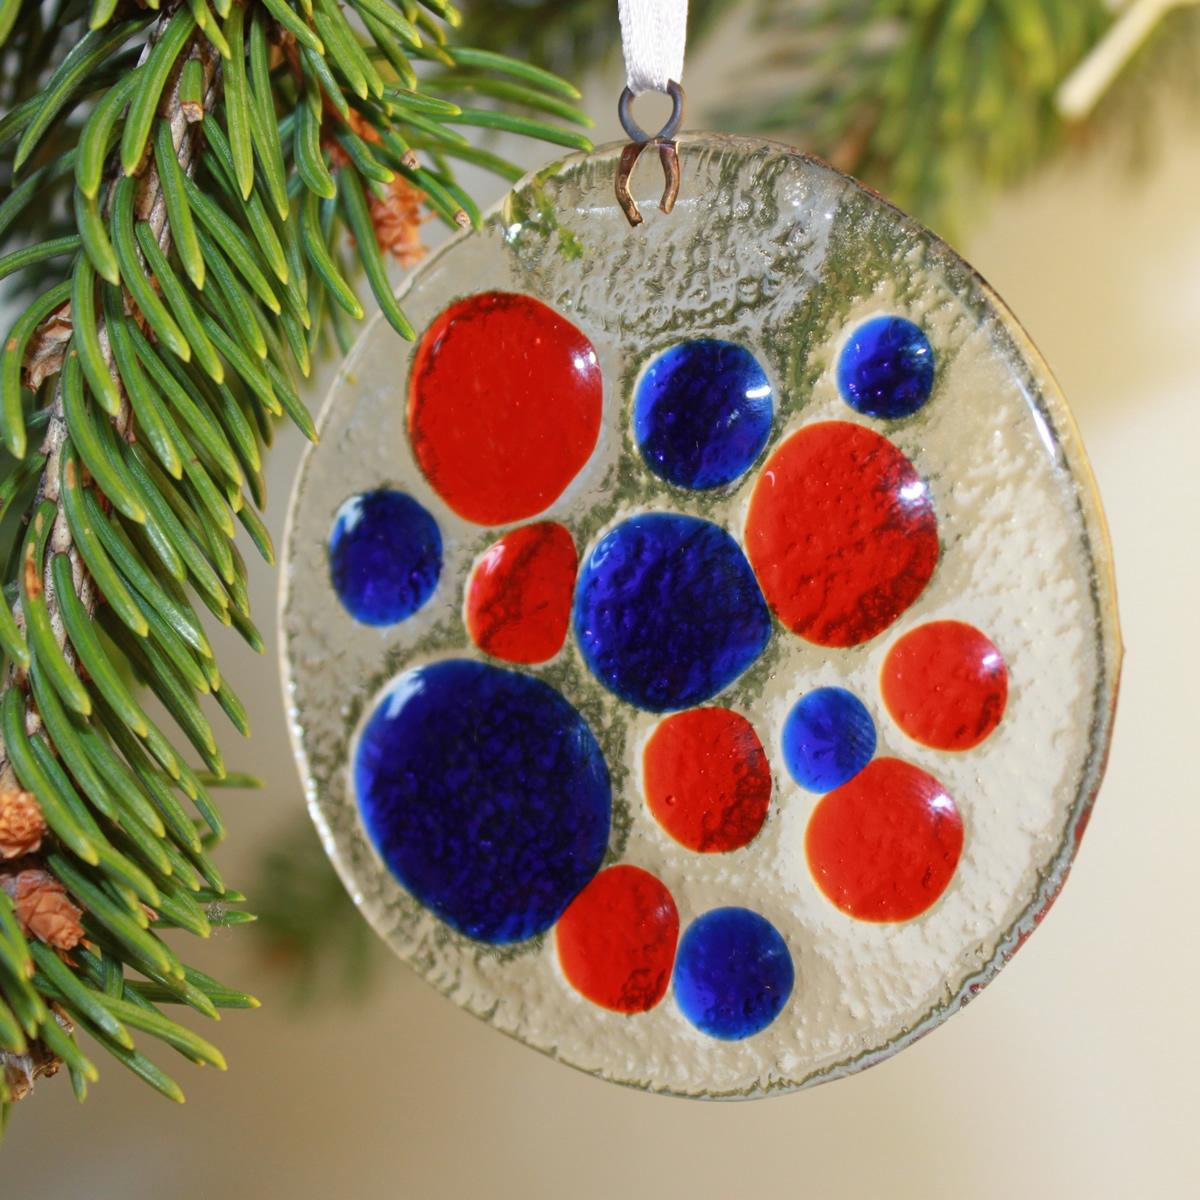 Decorazione tonda natalizia in vetro di murano livingdeco 39 - Decorazioni natalizie in vetro ...